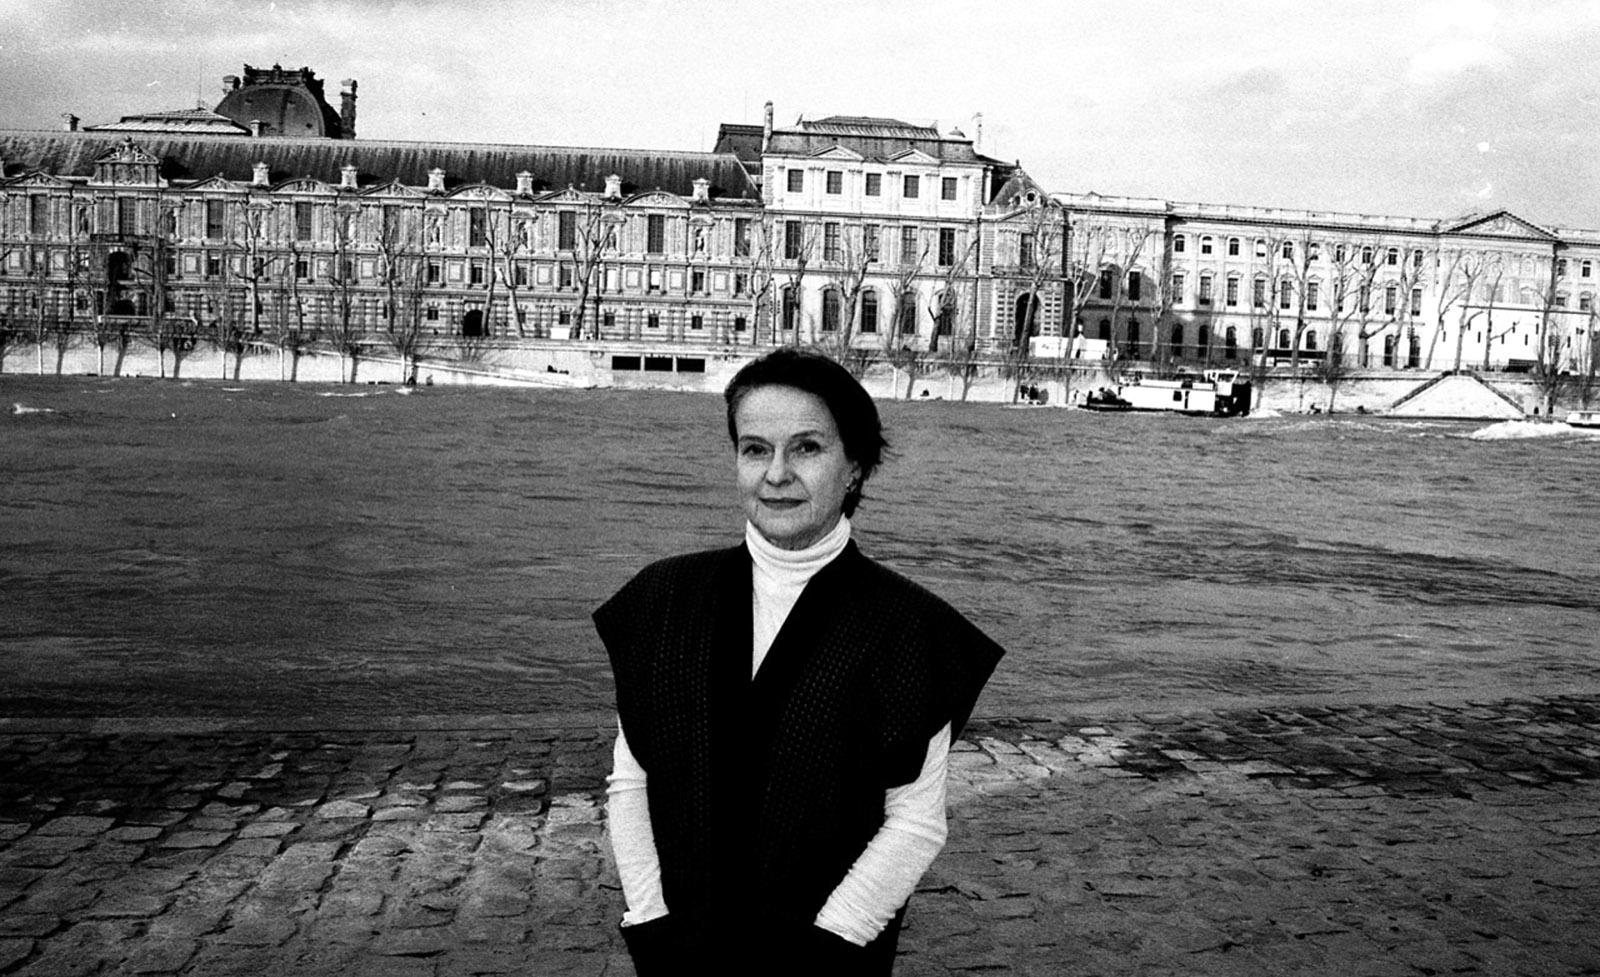 Diane Johnson next to the Seine, Paris